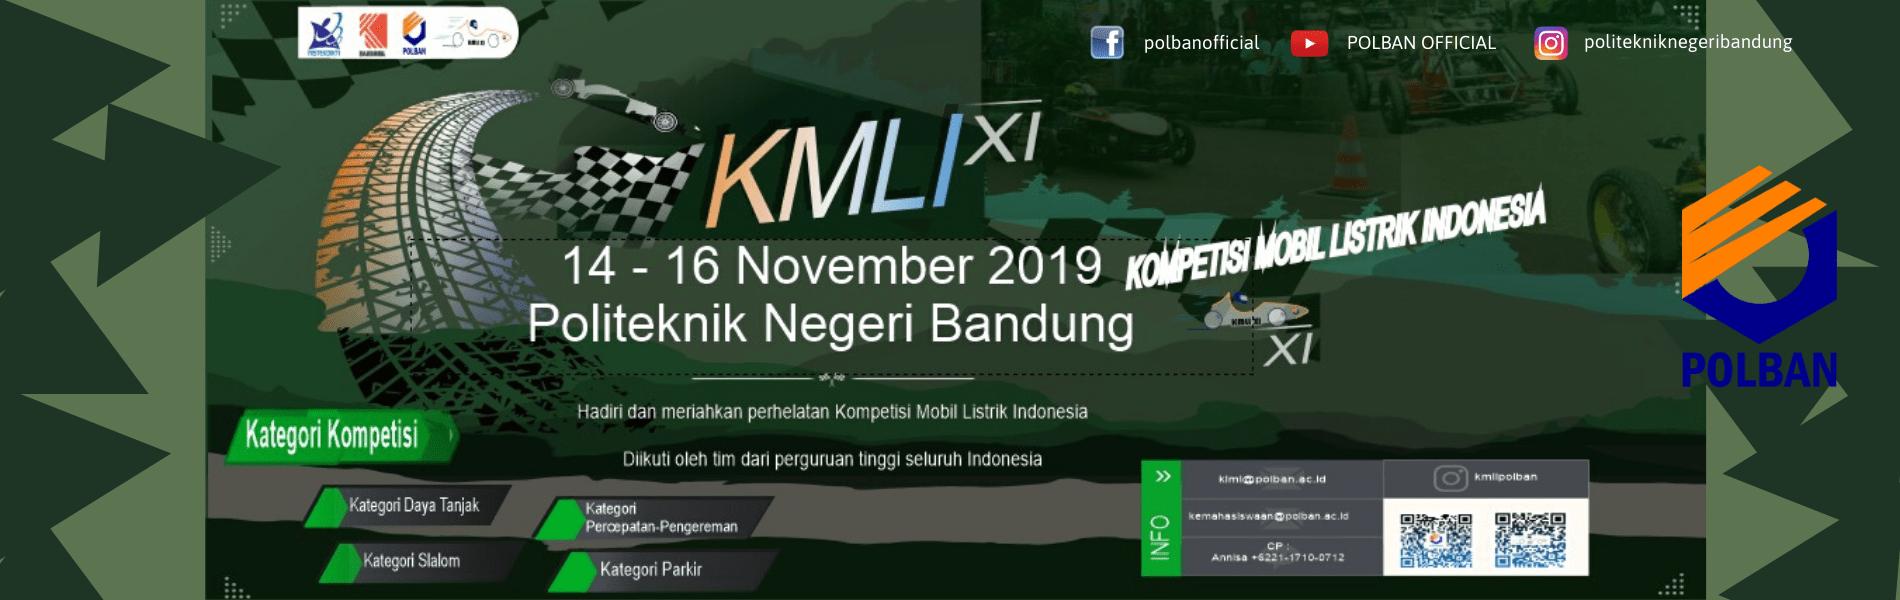 #KMLI2019 #KMLIXI